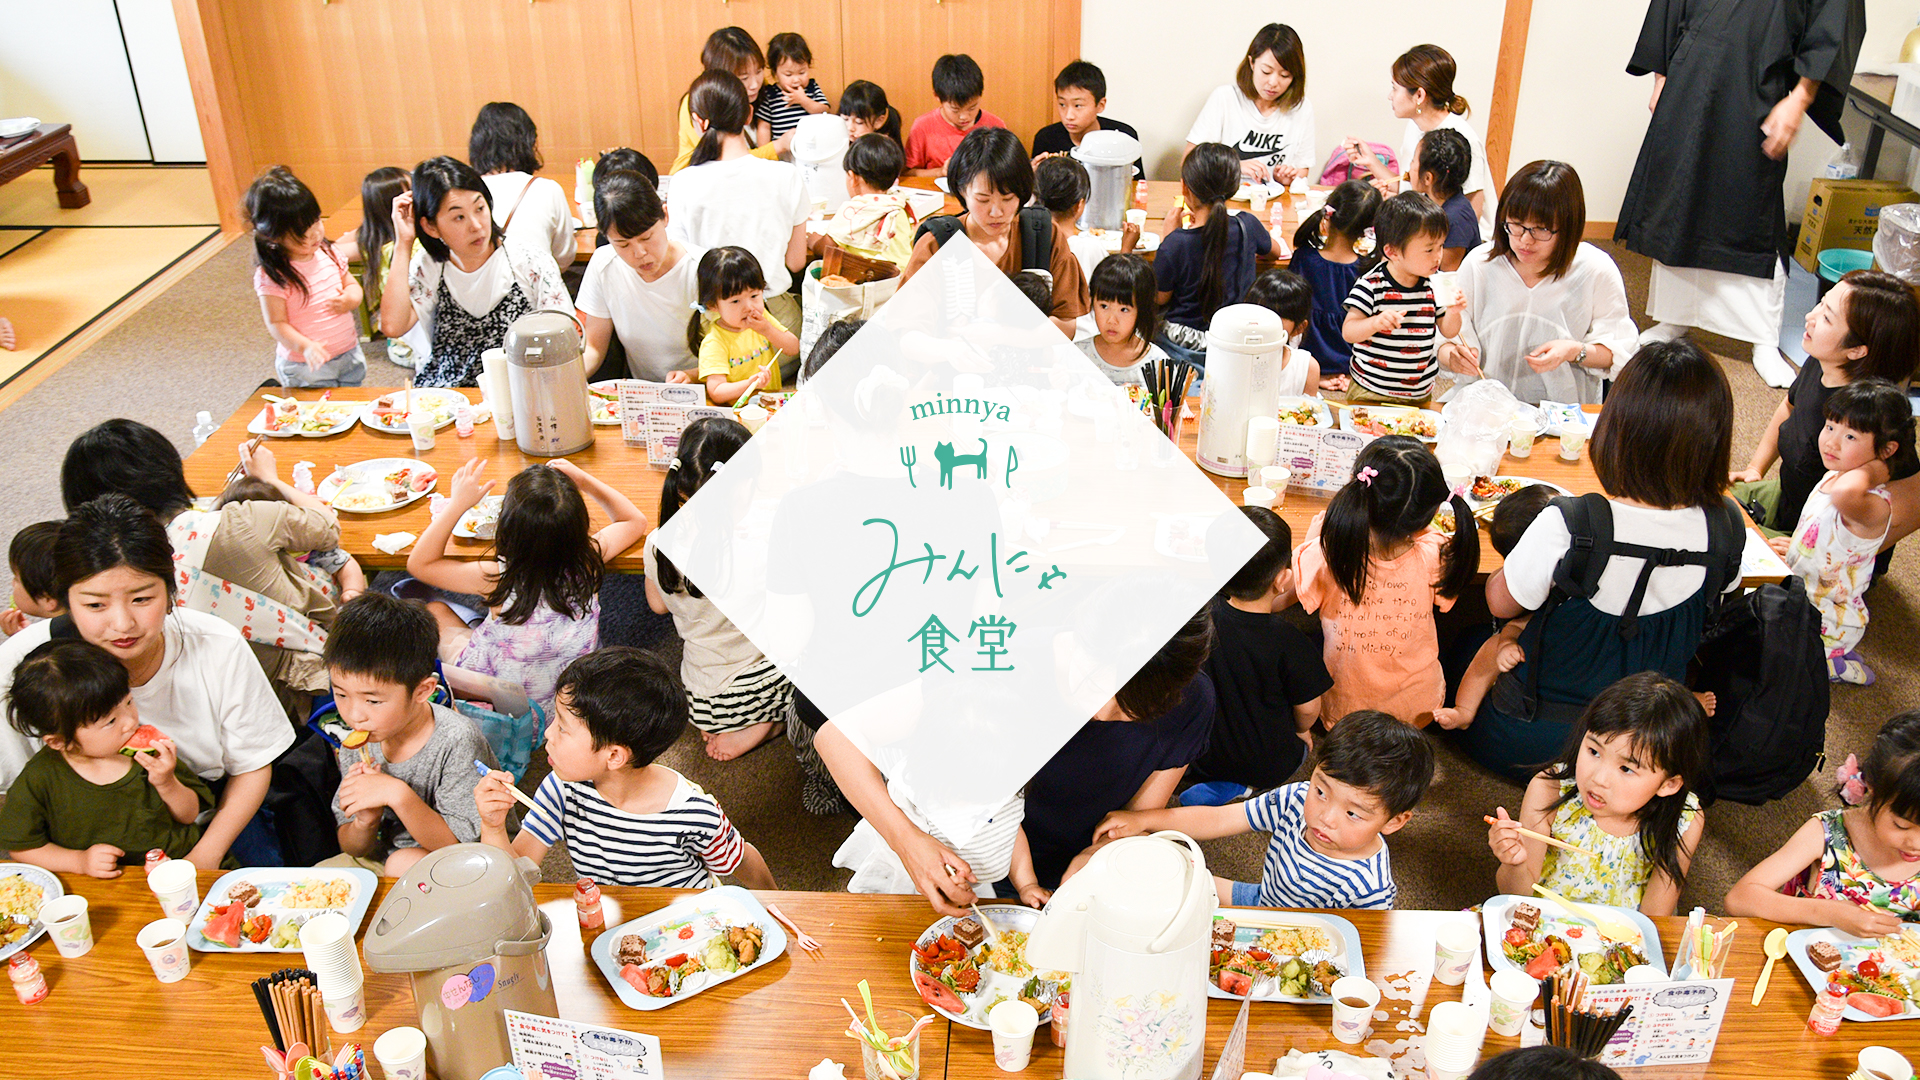 イメージ画像:みんにゃ食堂